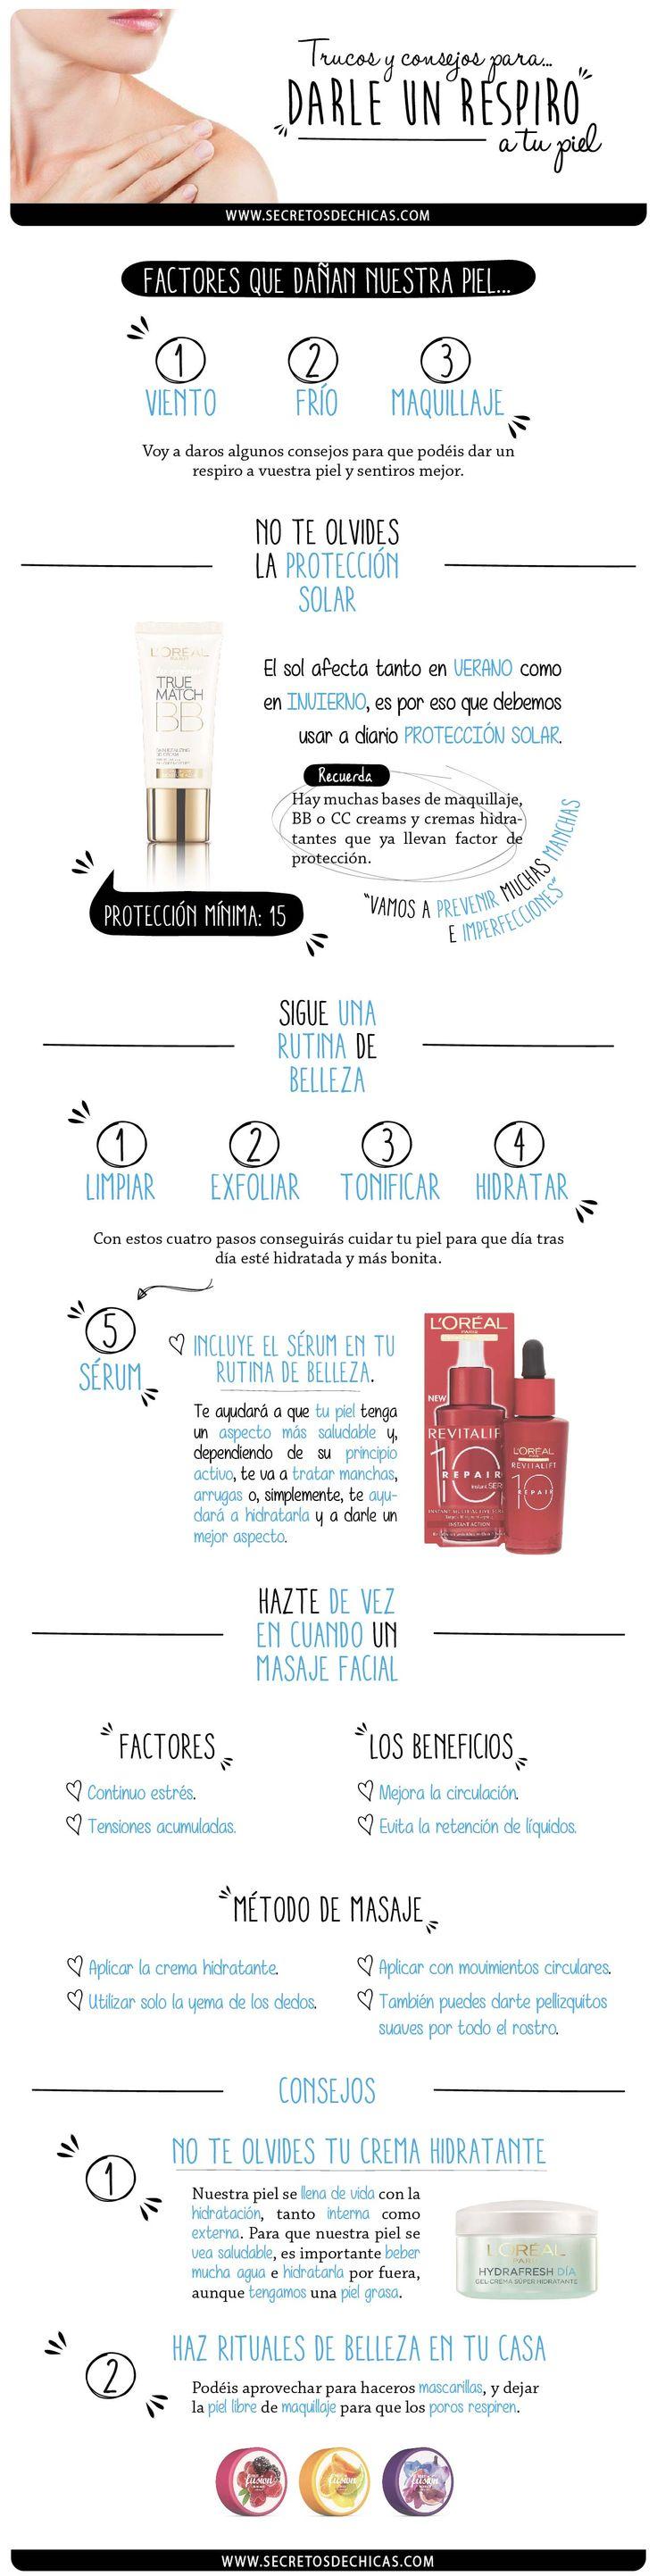 Respiro piel http://www.secretosdechicas.es/2014/12/24/90616/trucos-y-consejos-para-darle-un-respiro-a-vuestra-piel-